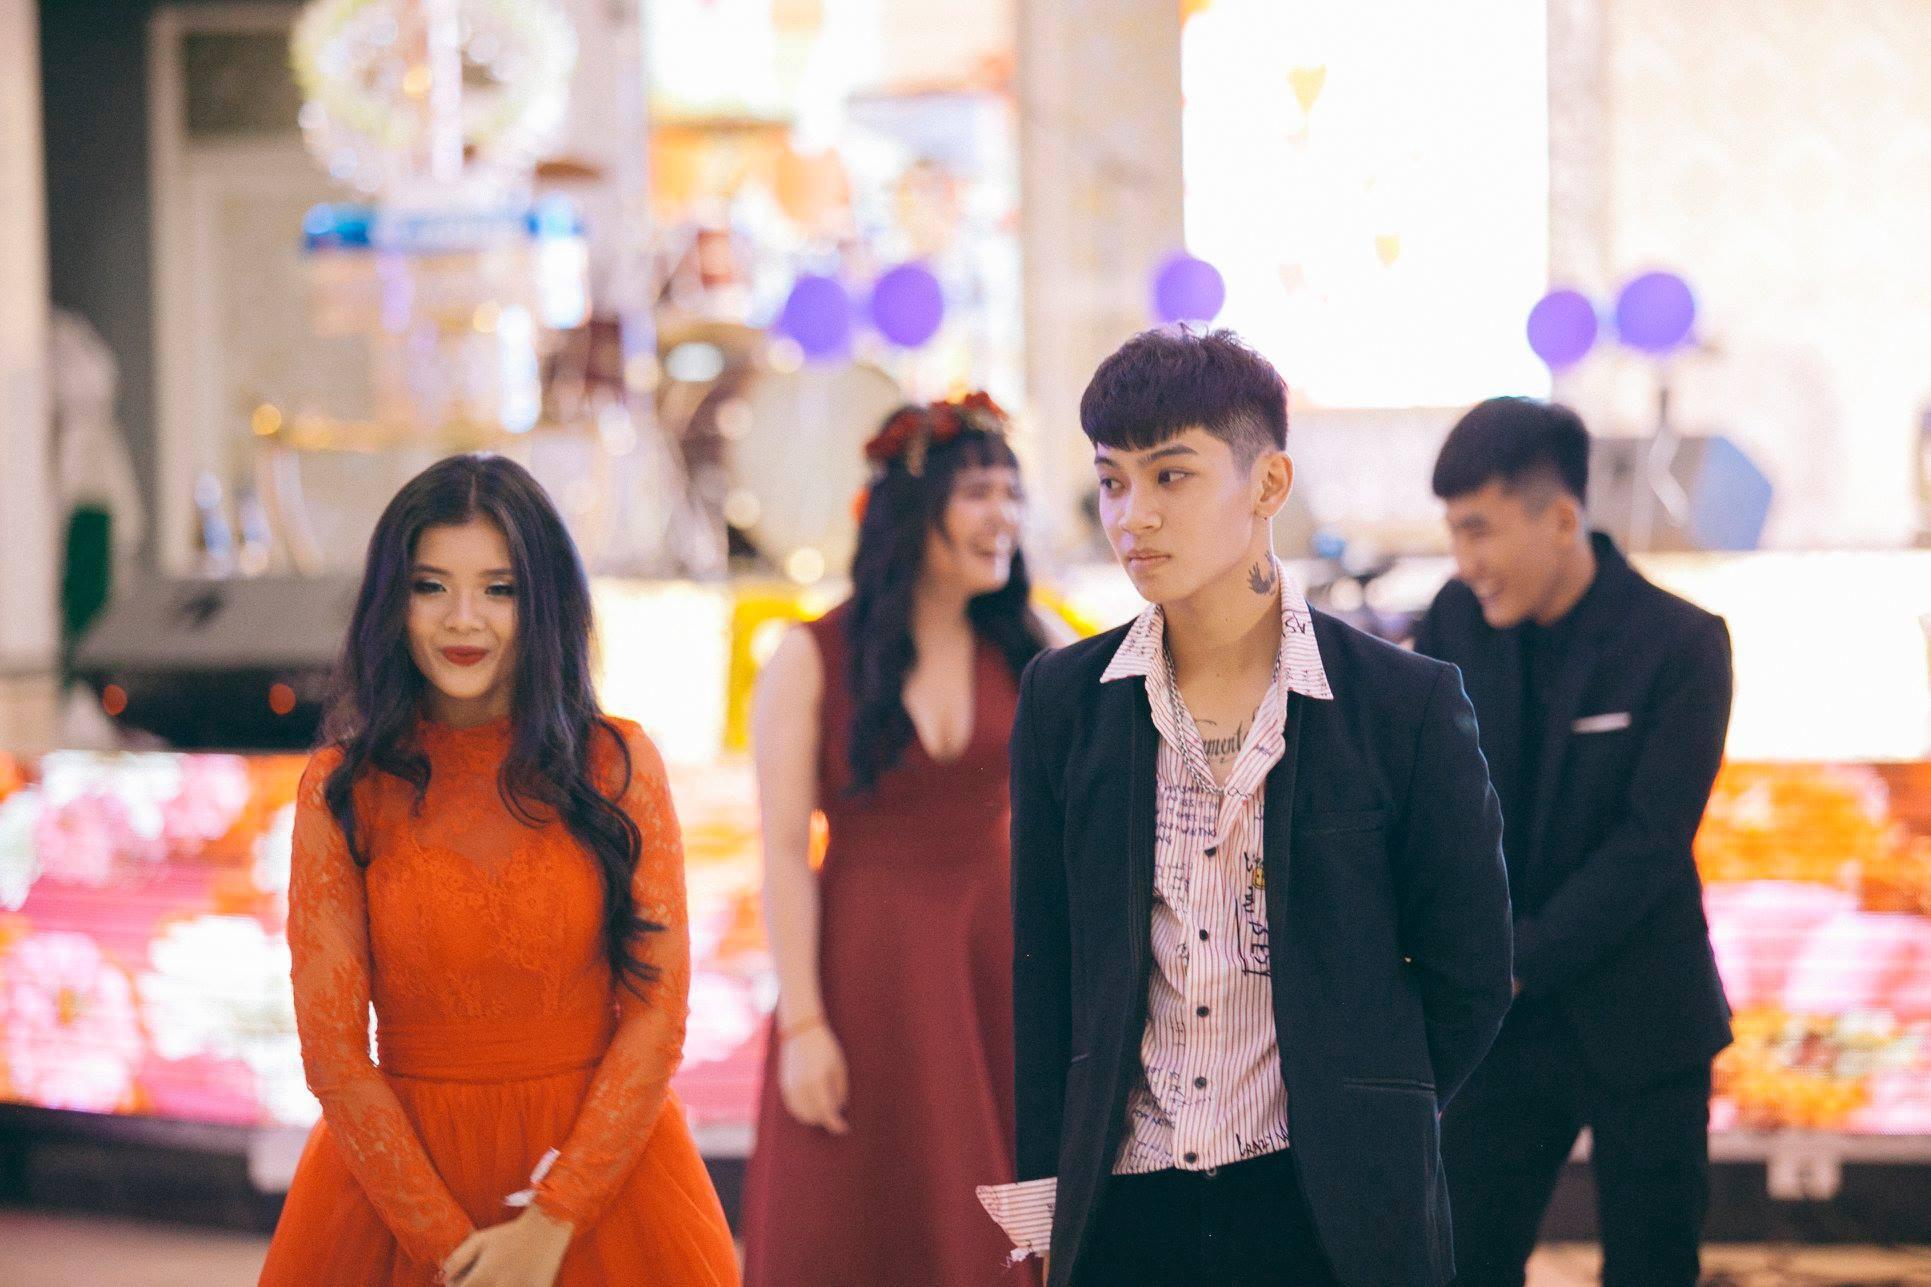 Không chỉ RMIT, trường chuyên phố núi Kon Tum cũng khiến chúng ta đã mắt với dàn trai xinh gái đẹp trong tiệc prom - Ảnh 21.